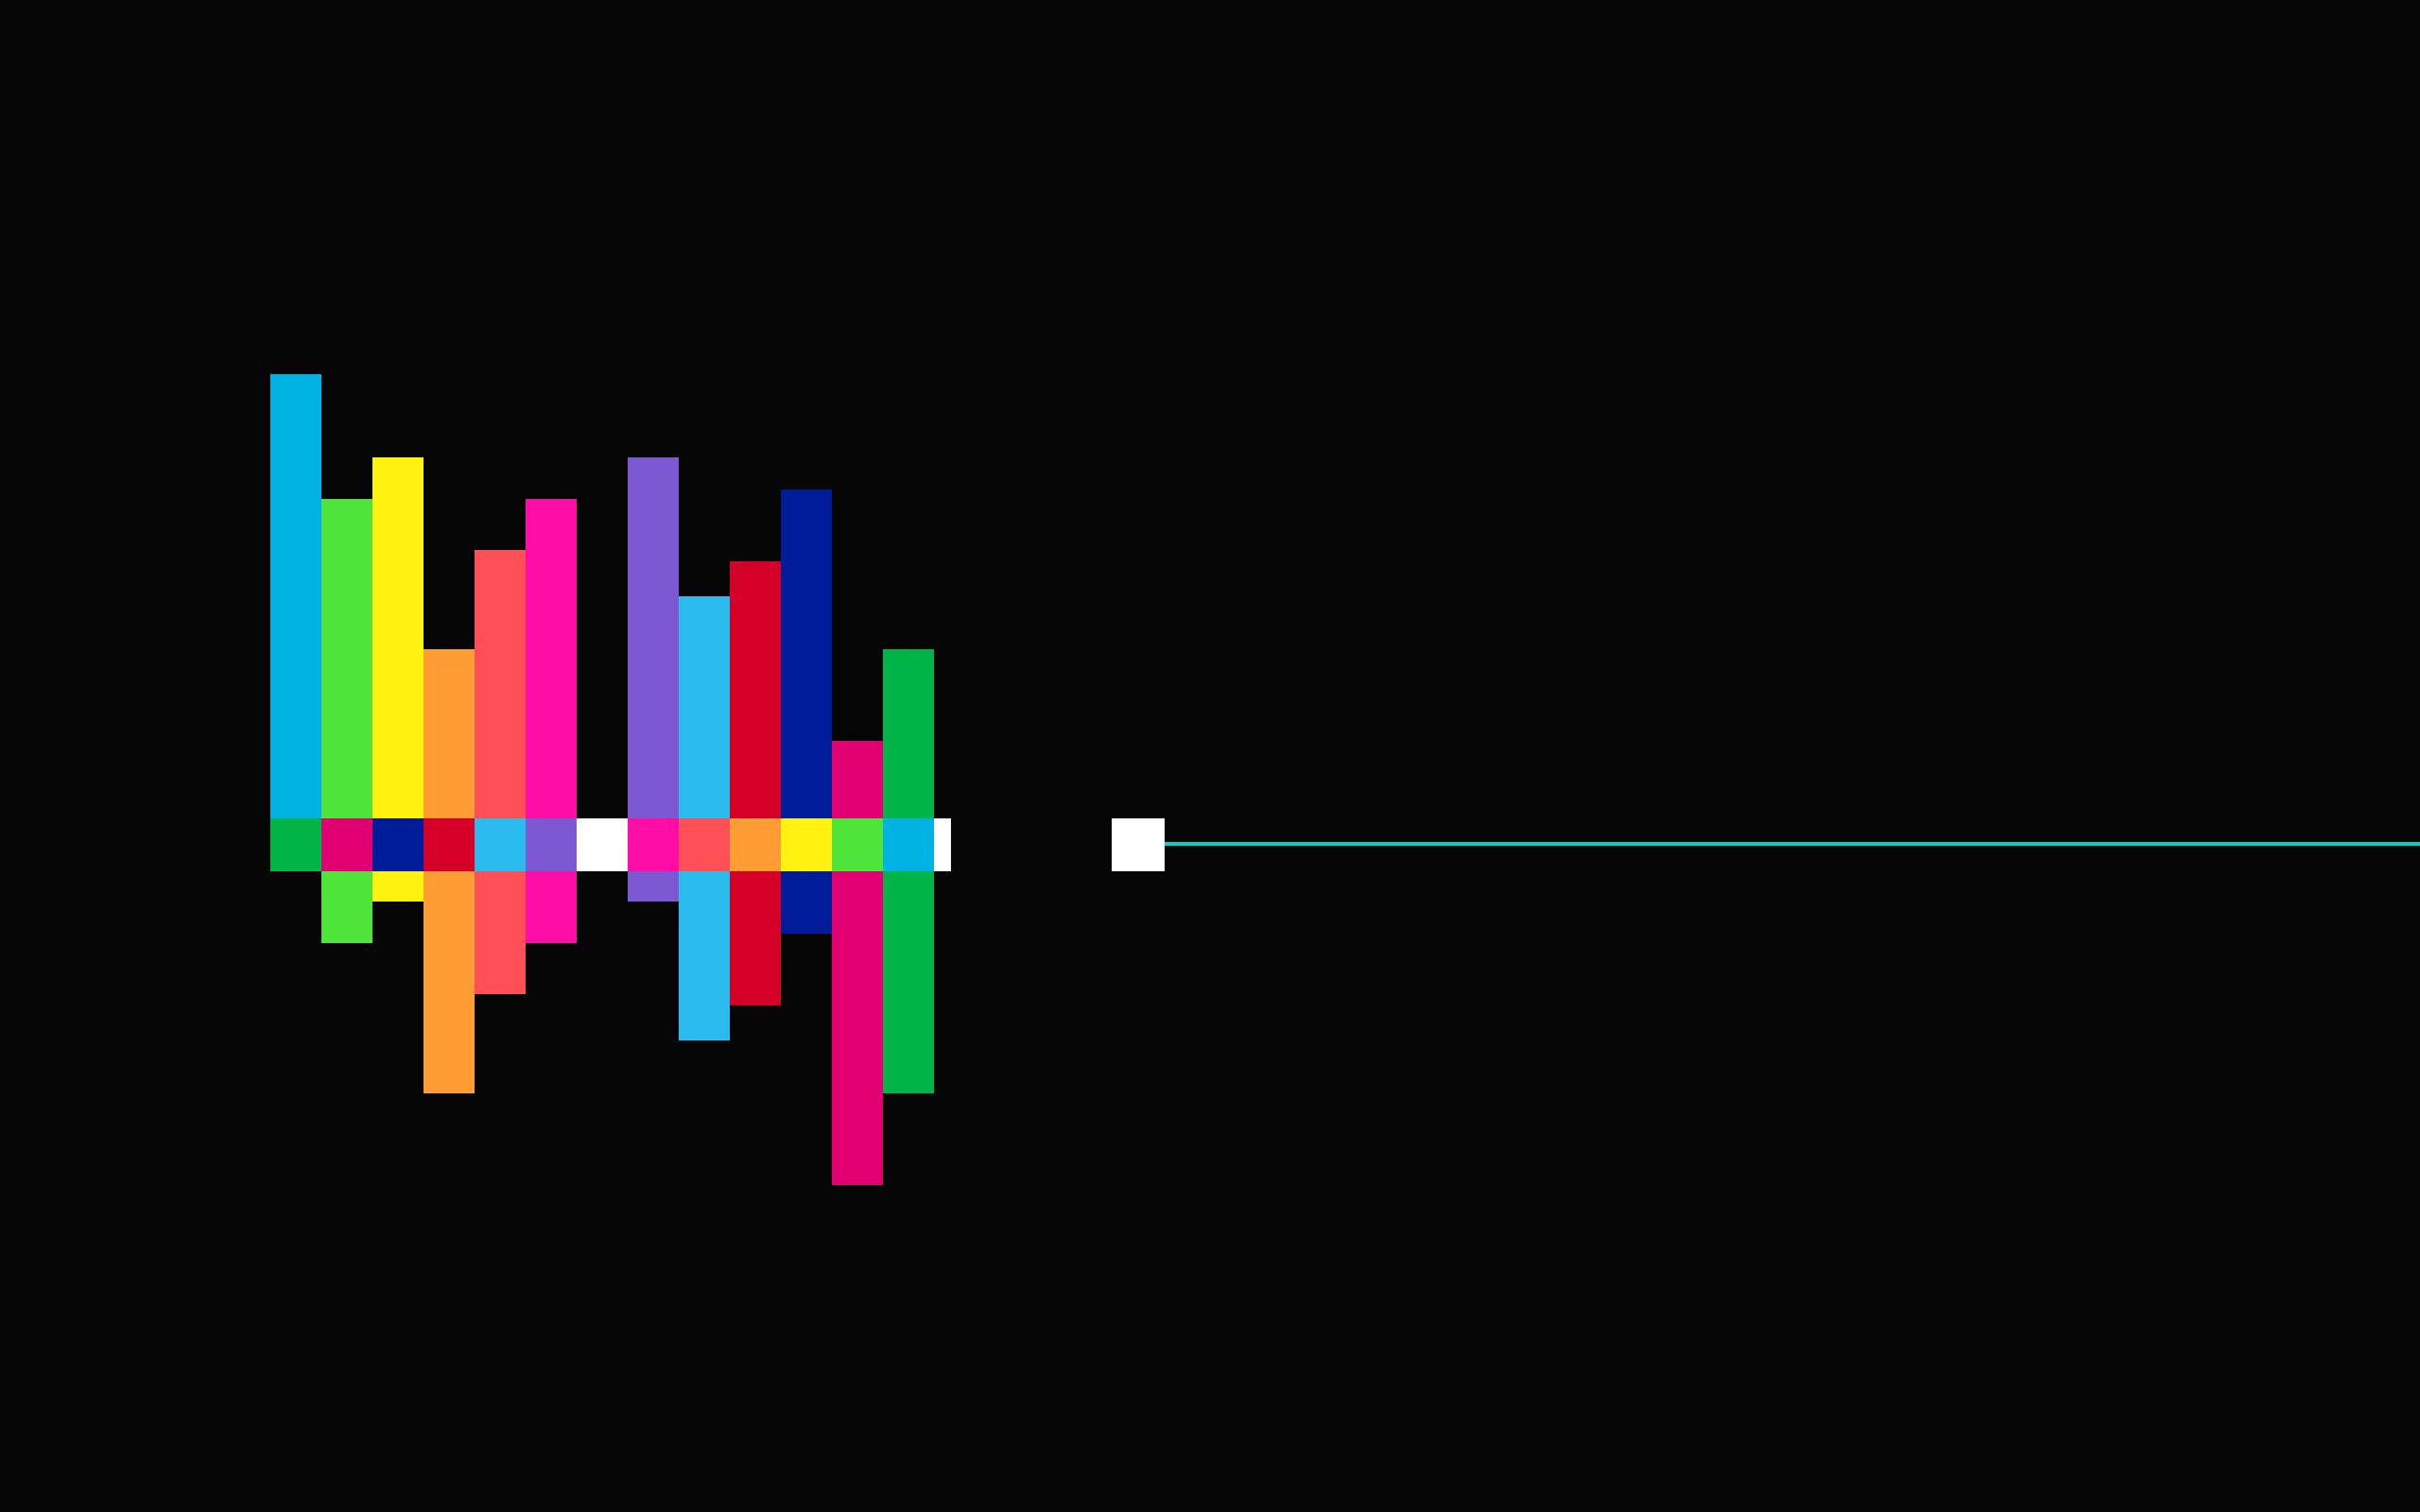 2560x1600 Hình nền tối giản HD 74 Hình nền tối giản trừu tượng - Tối giản